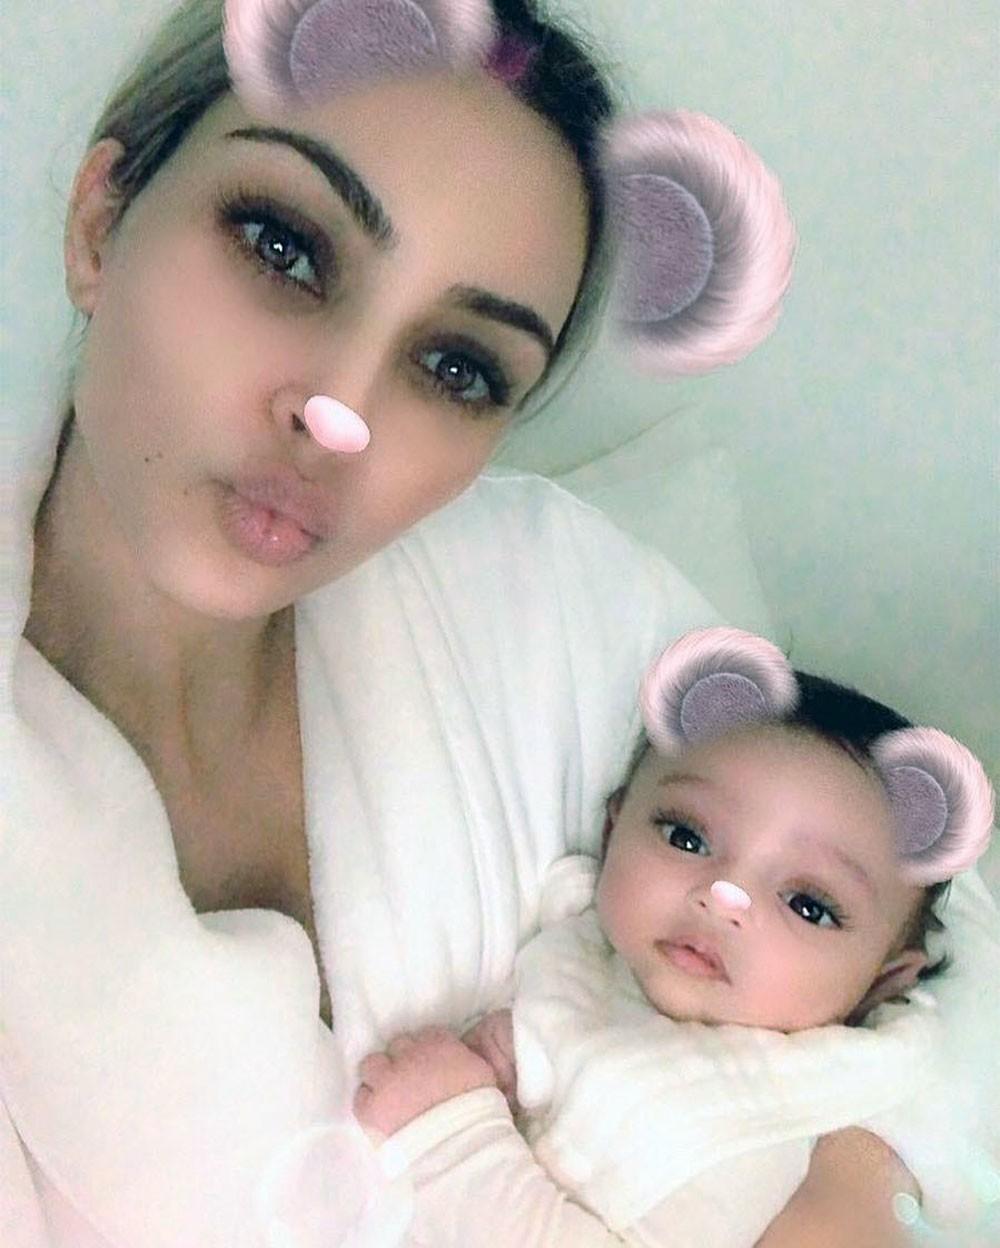 أول صورة لشيكاغو ابنة كيم كارديشيان